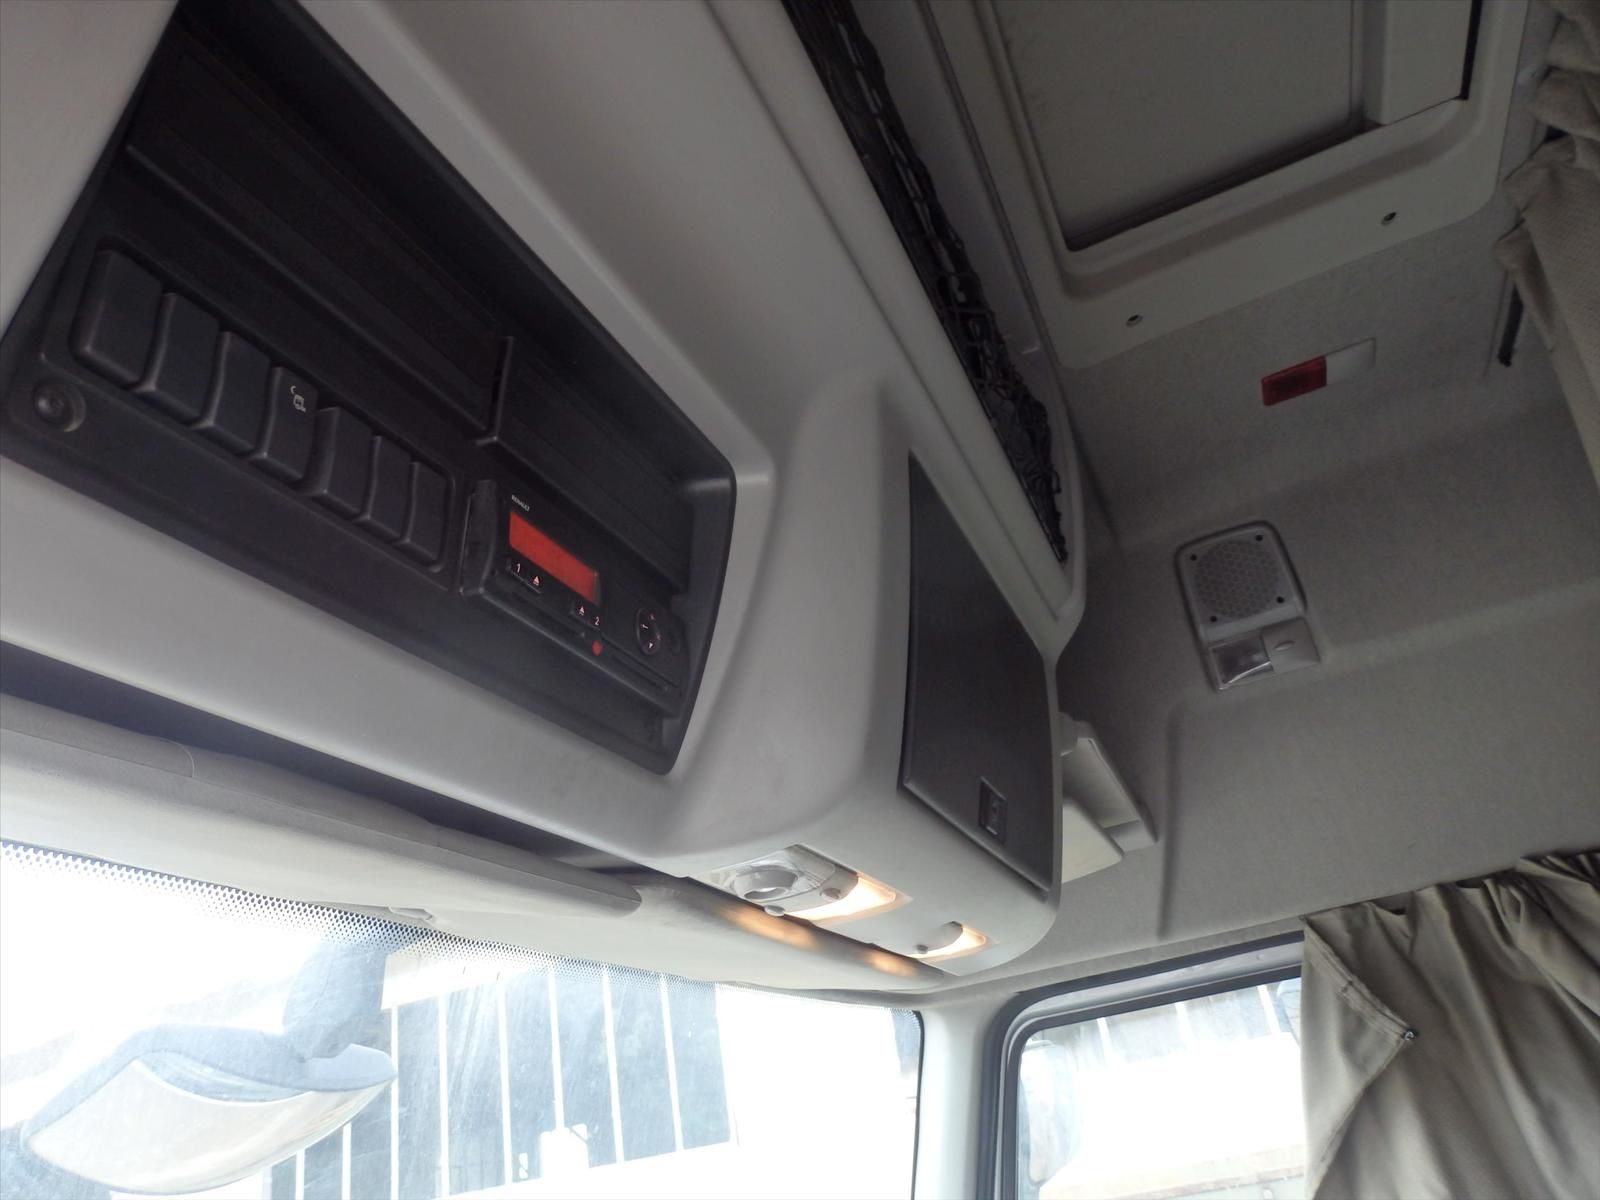 TRR Premium 440 Pierre BASSAT Tel: 0608066192 TRANSCOMM13